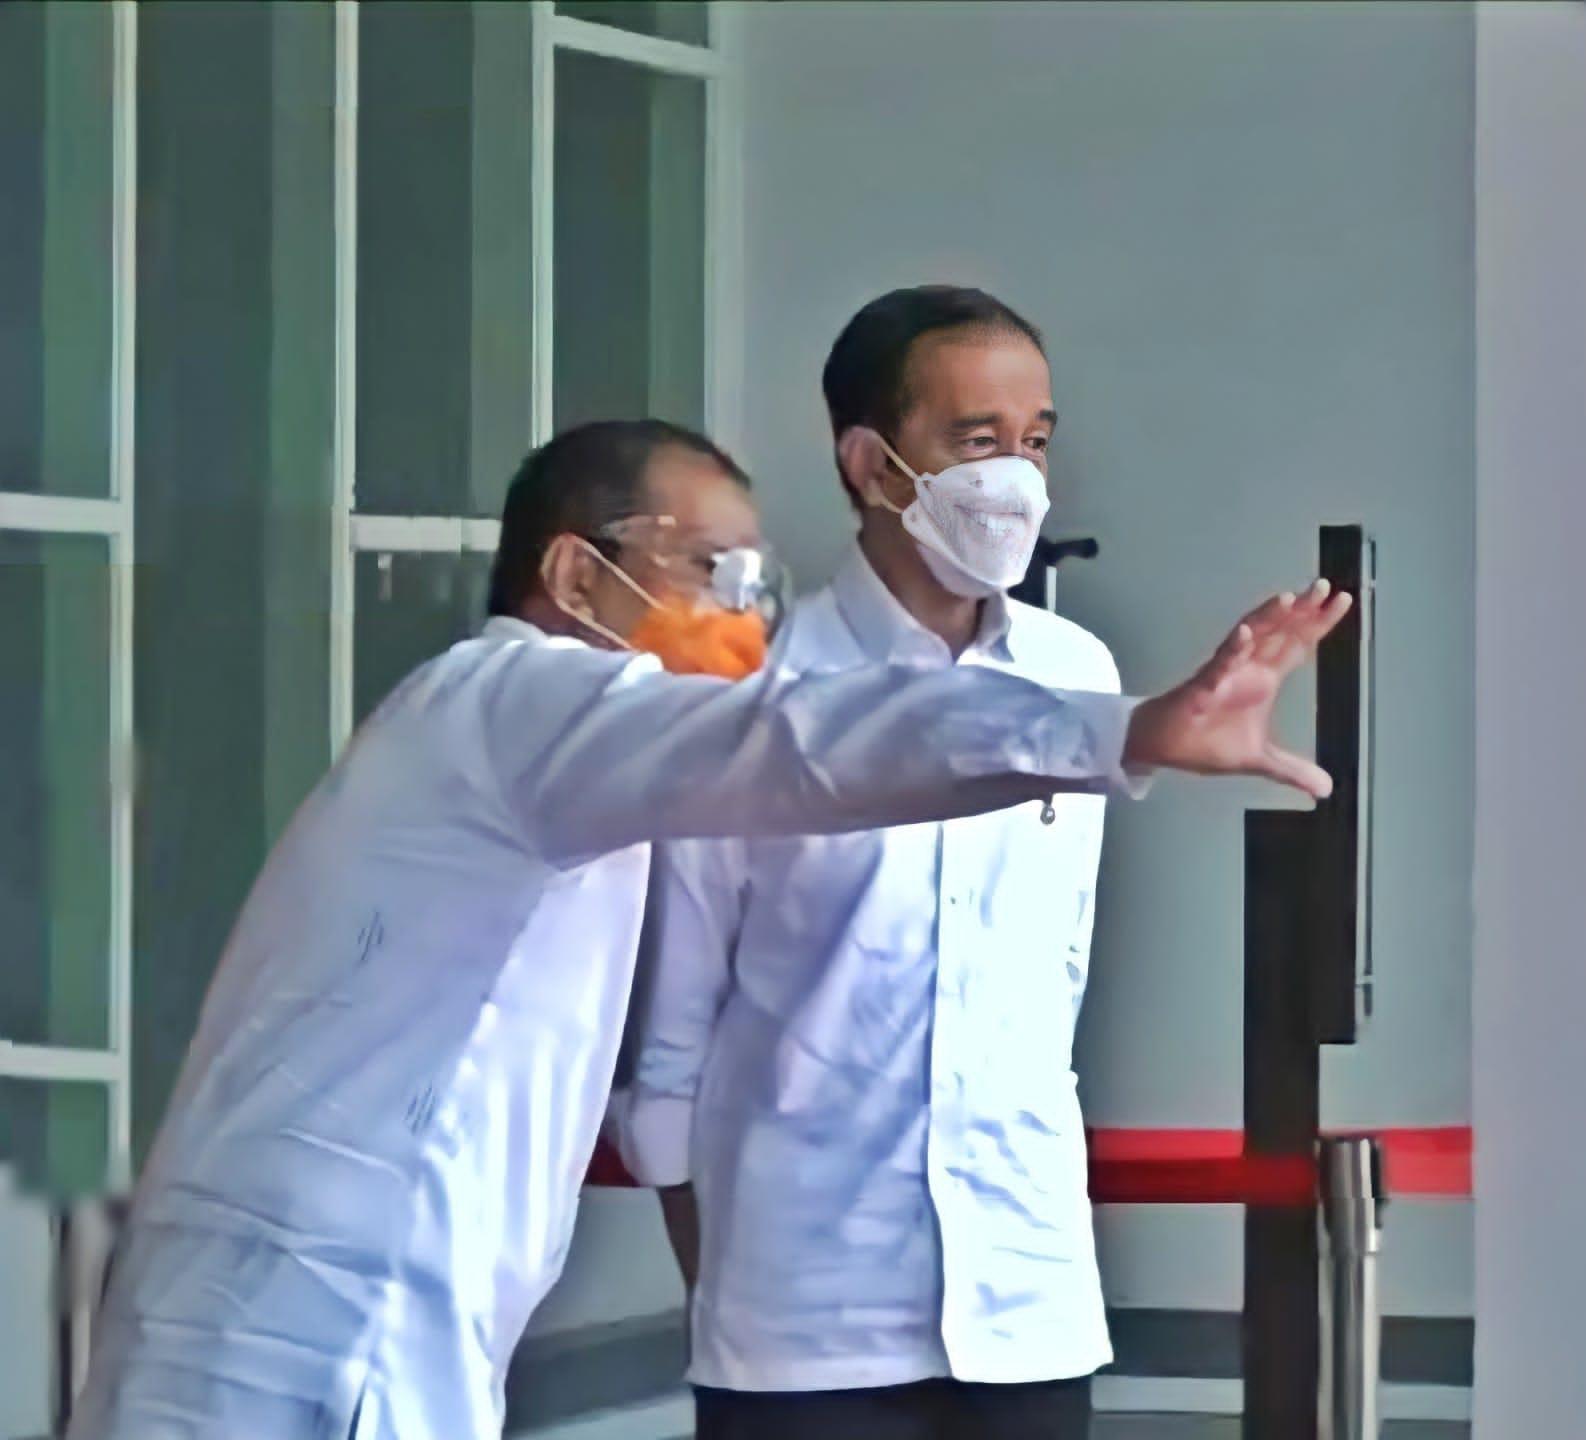 Jokowi: Saya ke Makassar Melihat Vaksinasi yang Dilakukan Pemerintah Makassar dan Pak Wali Kota